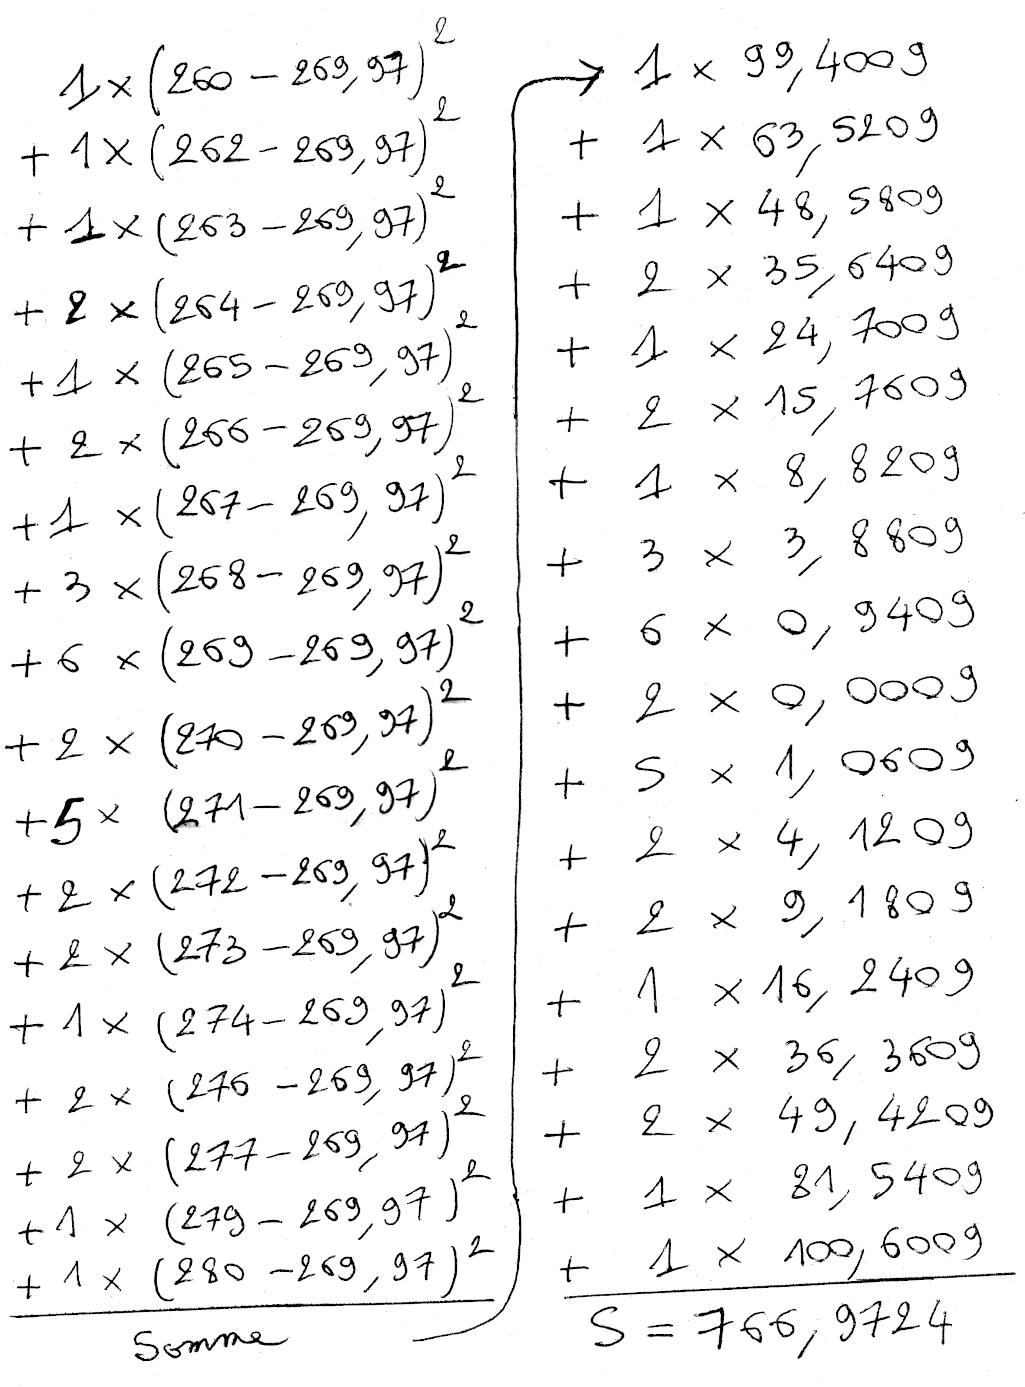 Statistiques, quartiles, moyenne, variance, écart-type, première, calculs